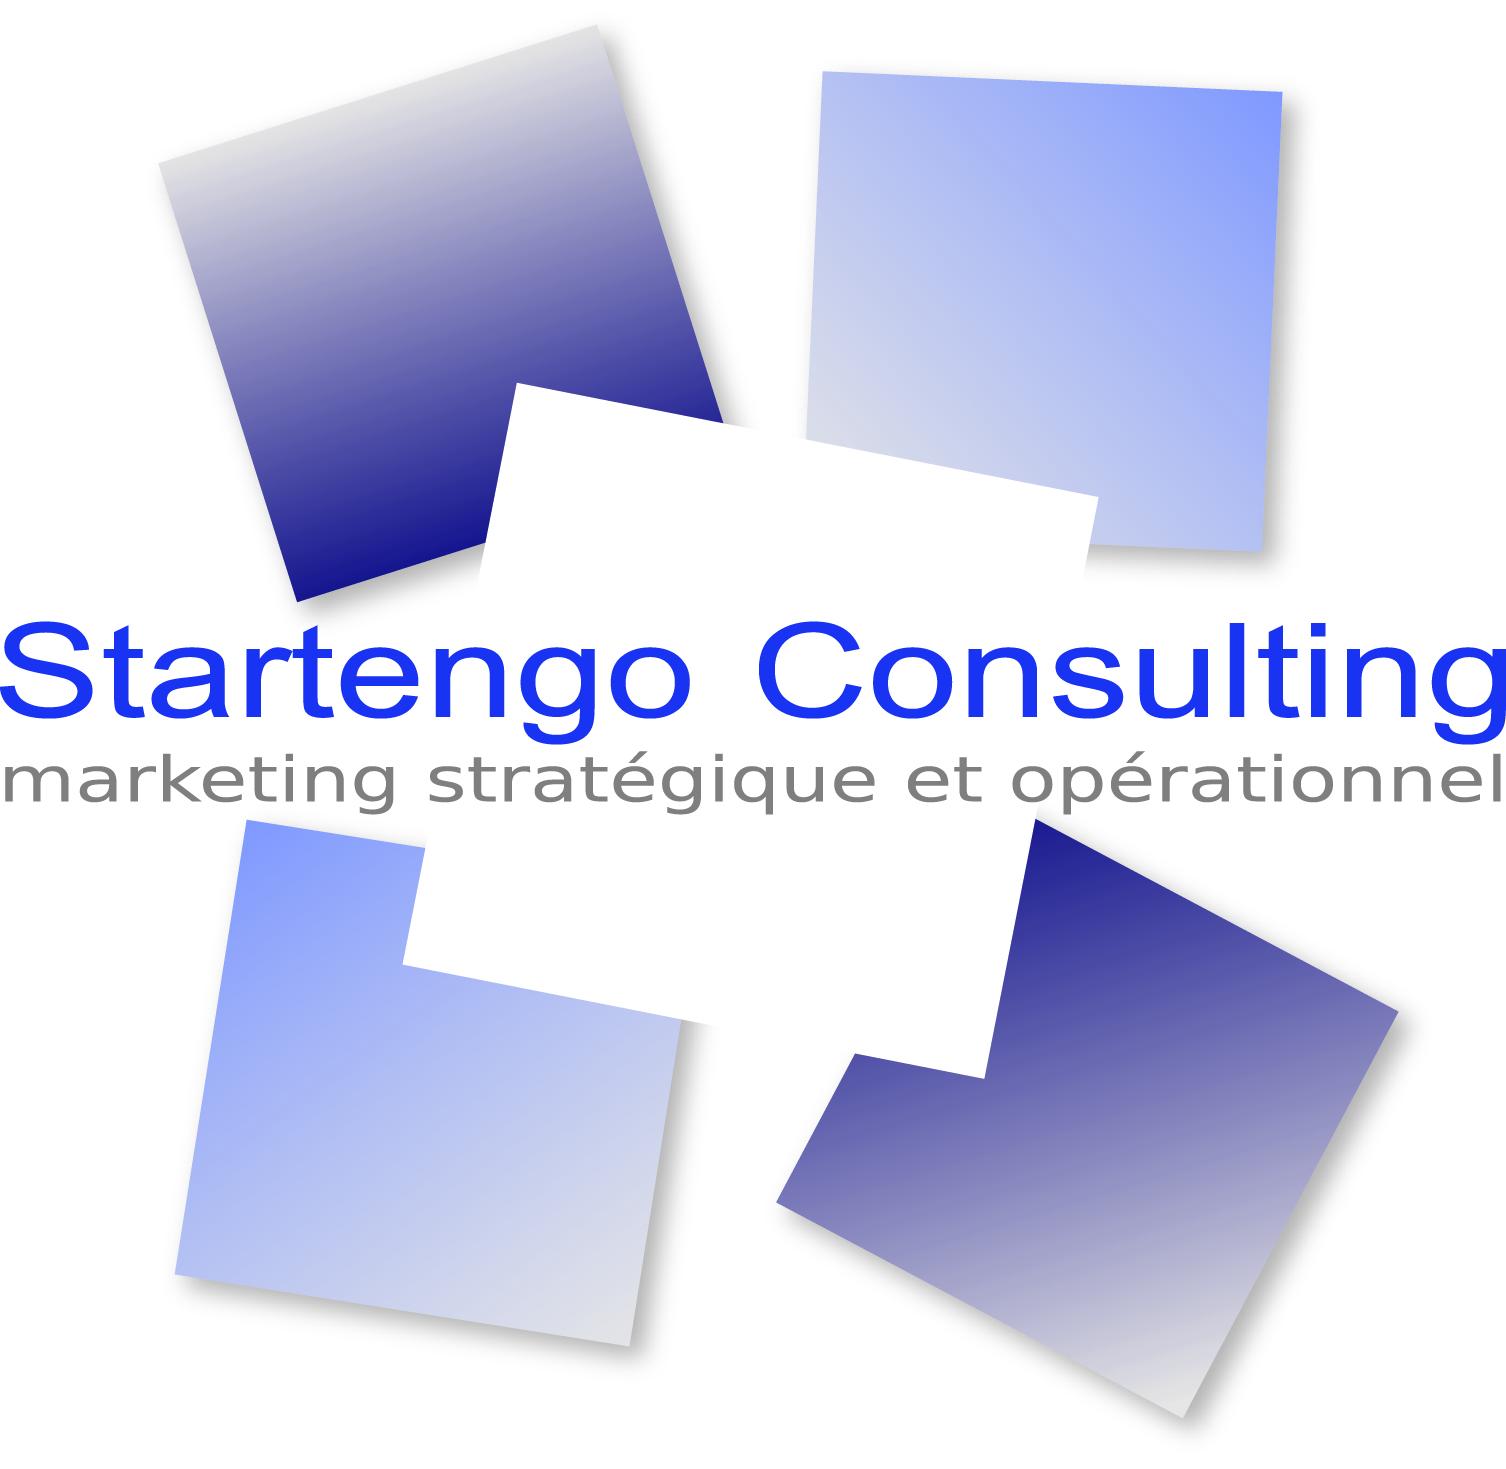 STARTENGO CONSULTING